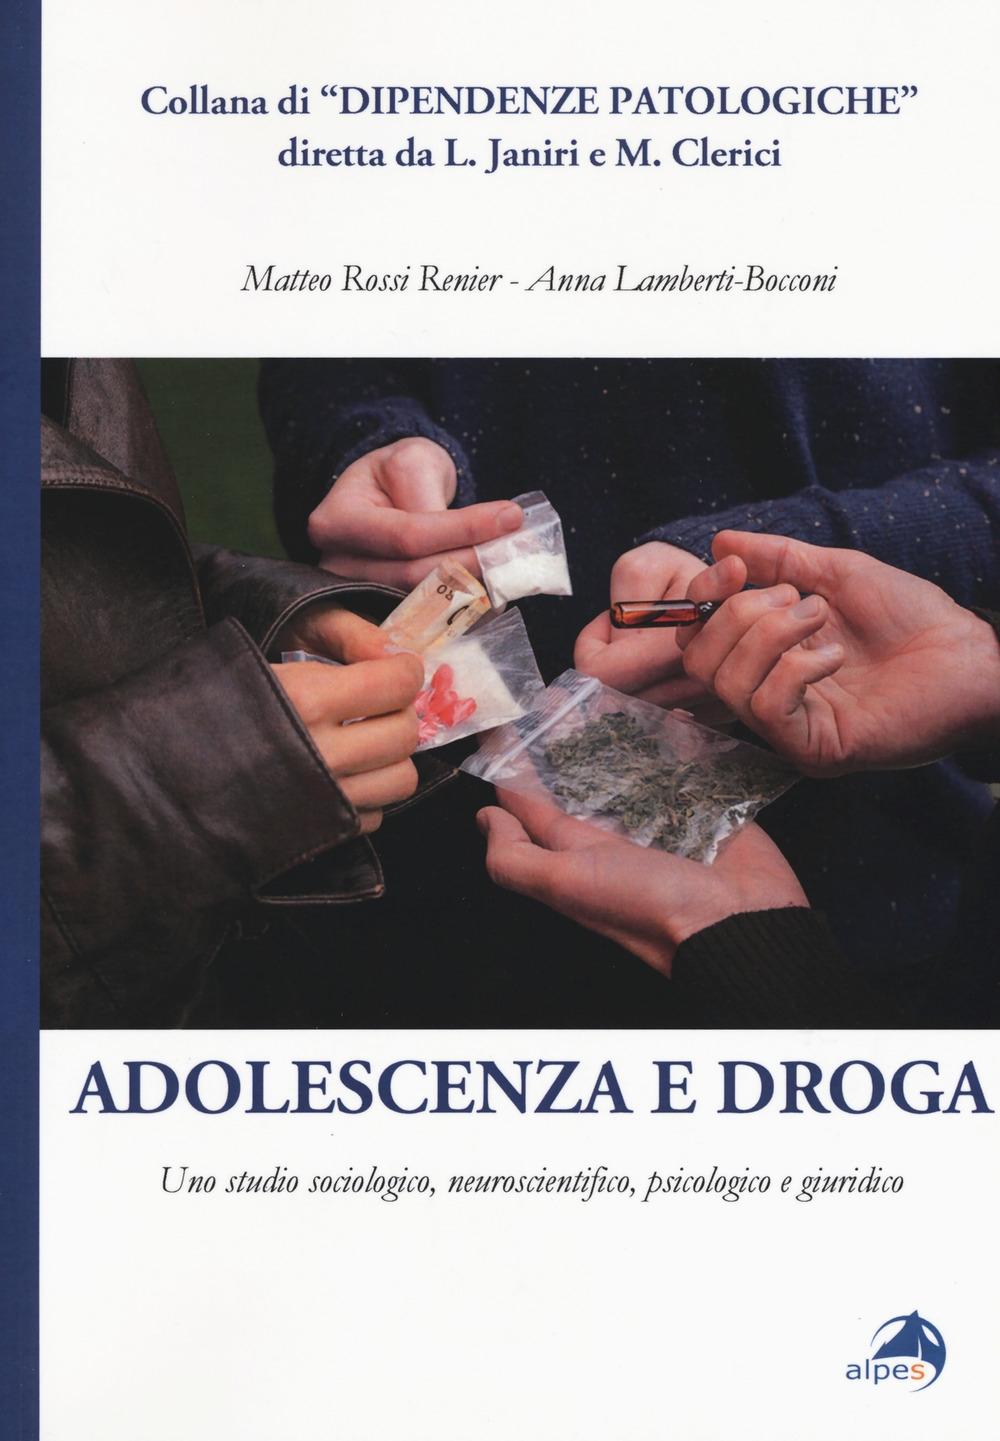 Adolescenza e droga. Uno studio sociologico, neuroscientifico, psicologico e giuridico.